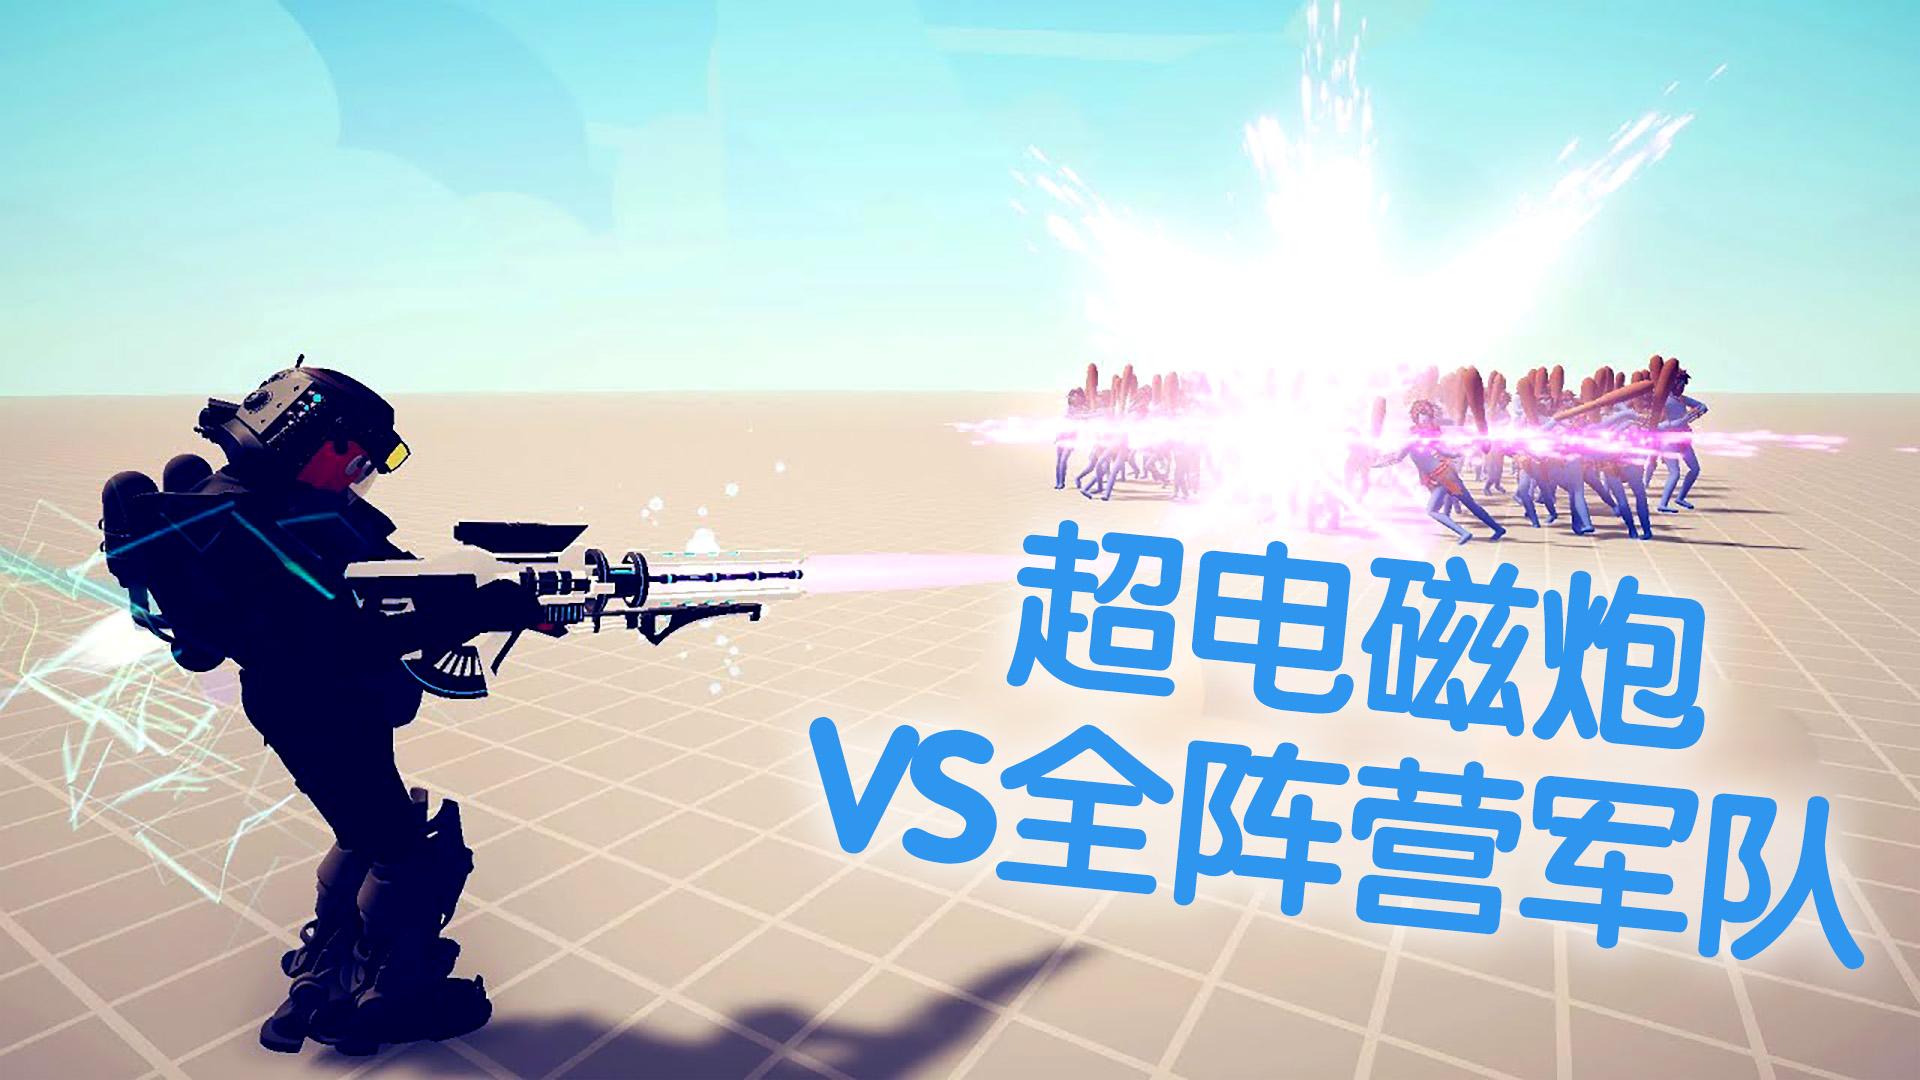 全面战争模拟器:超电磁炮VS全阵营军队!